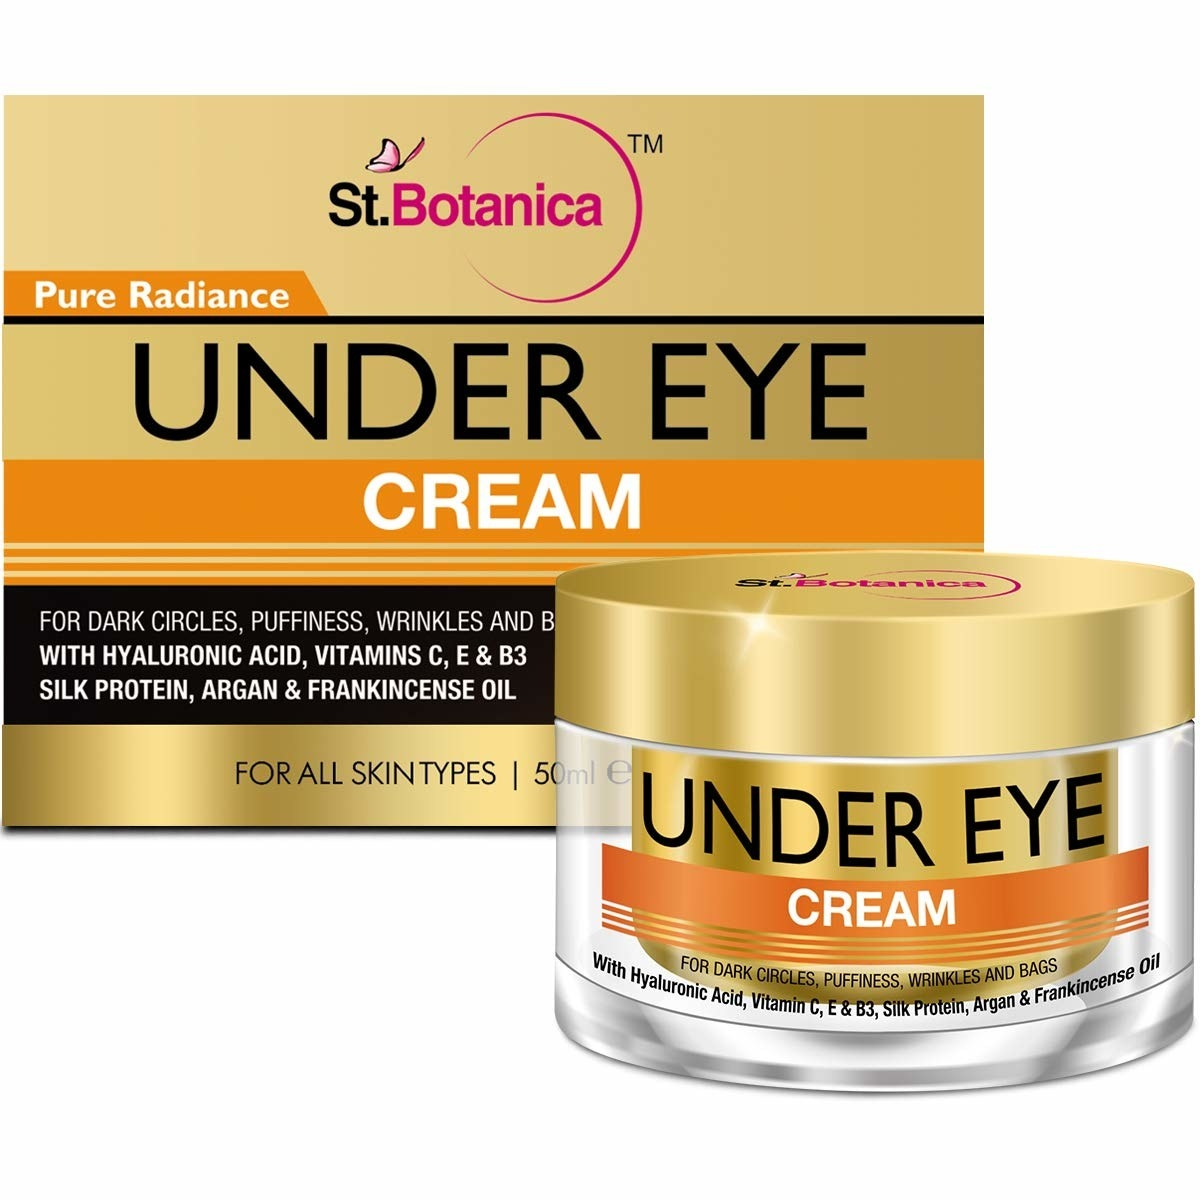 Under-eye cream